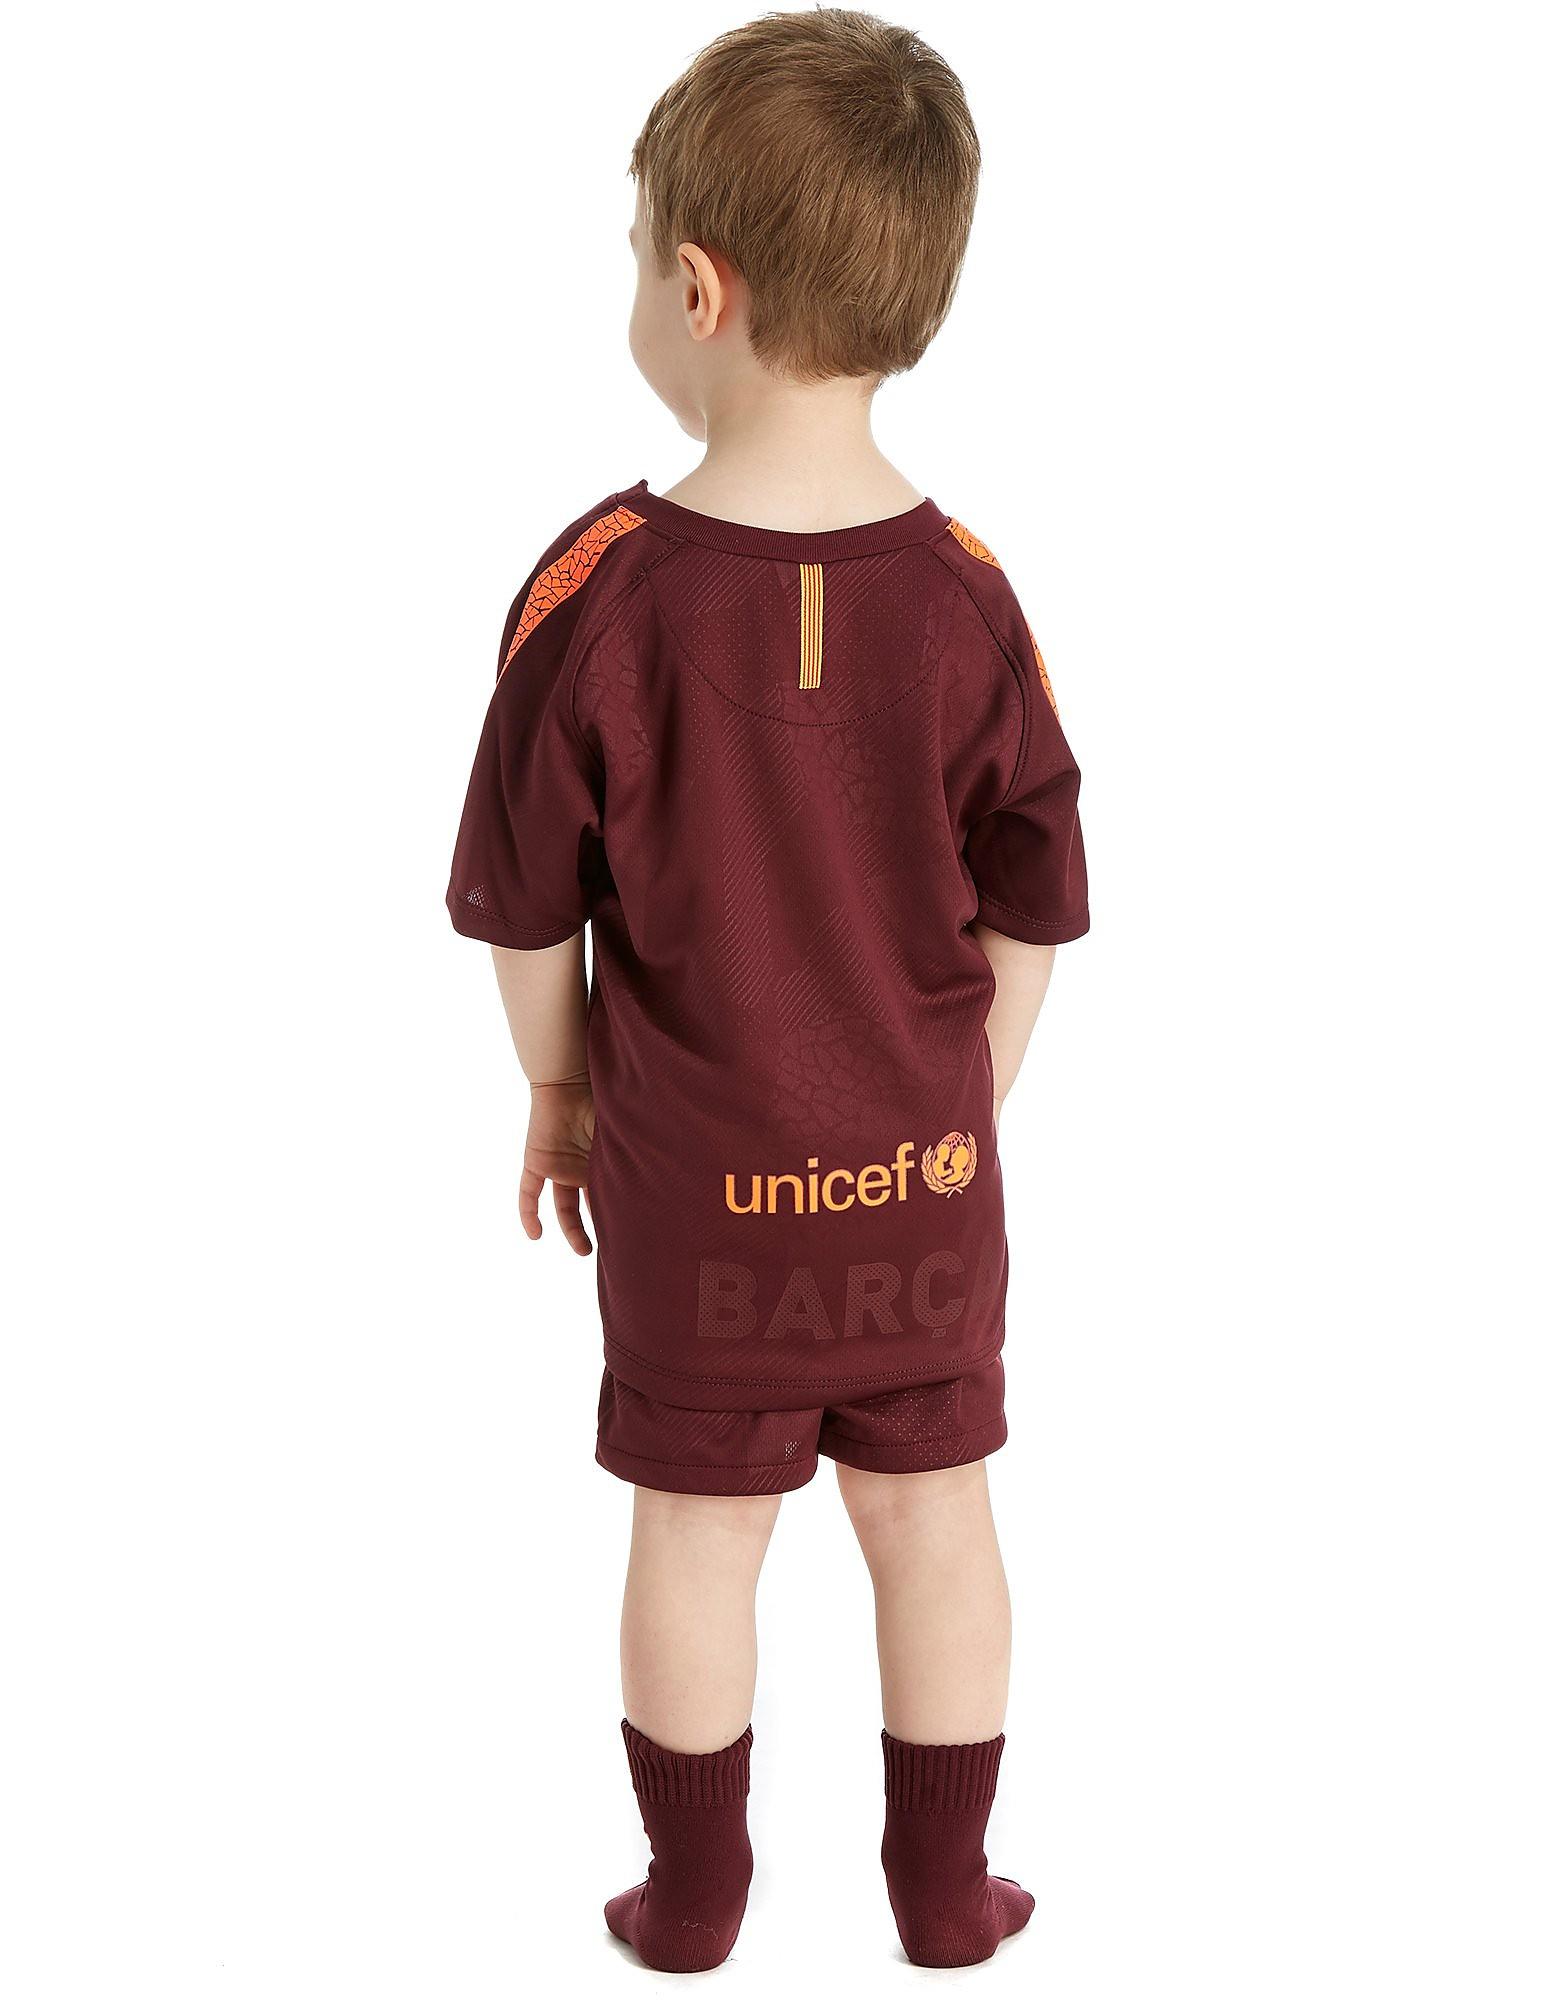 Nike FC Barcelona 2017/18 Third Kit Infant